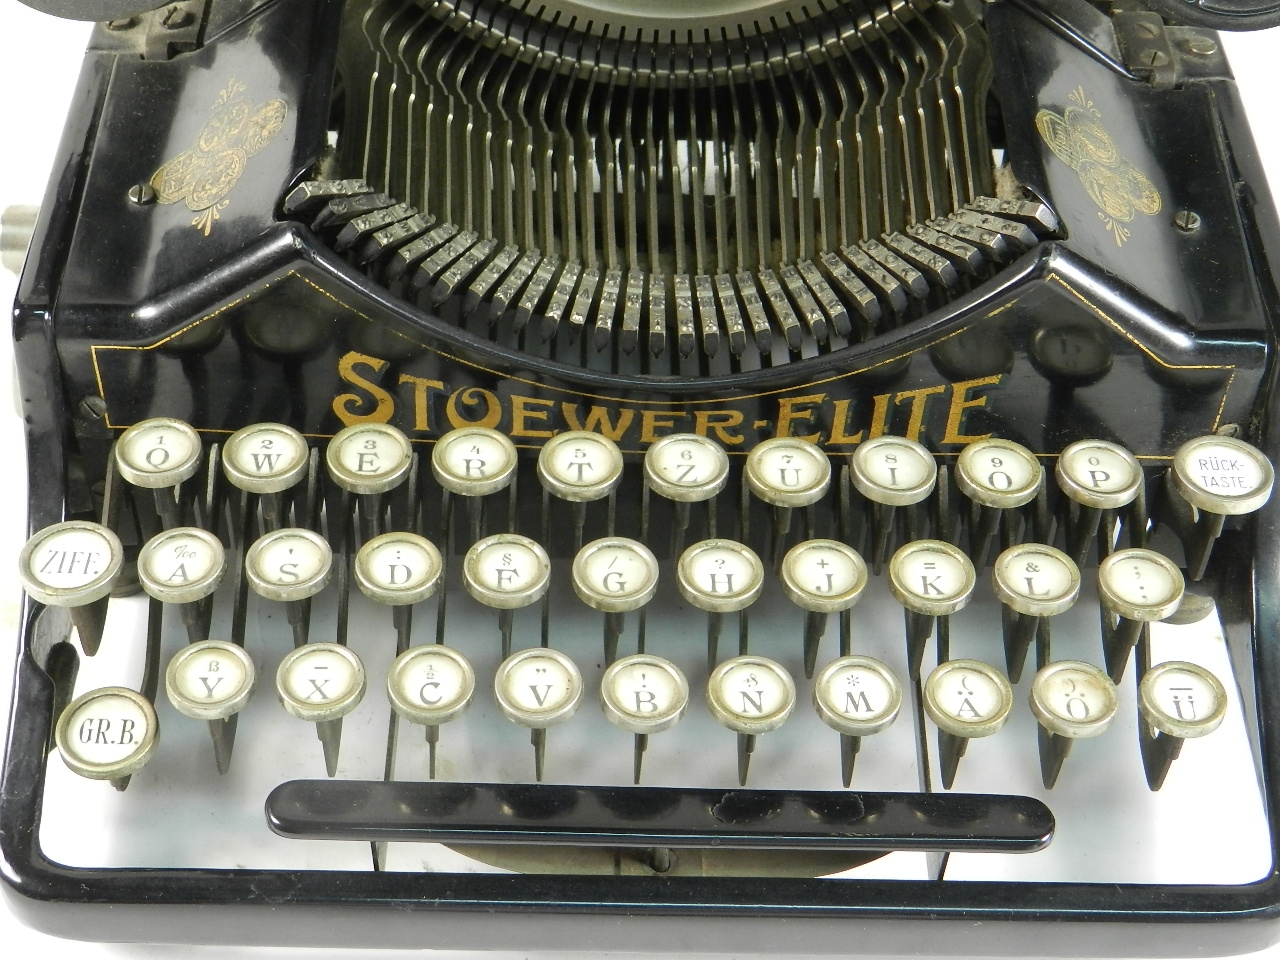 Imagen STOEWER ELITE AÑO 1913 29547